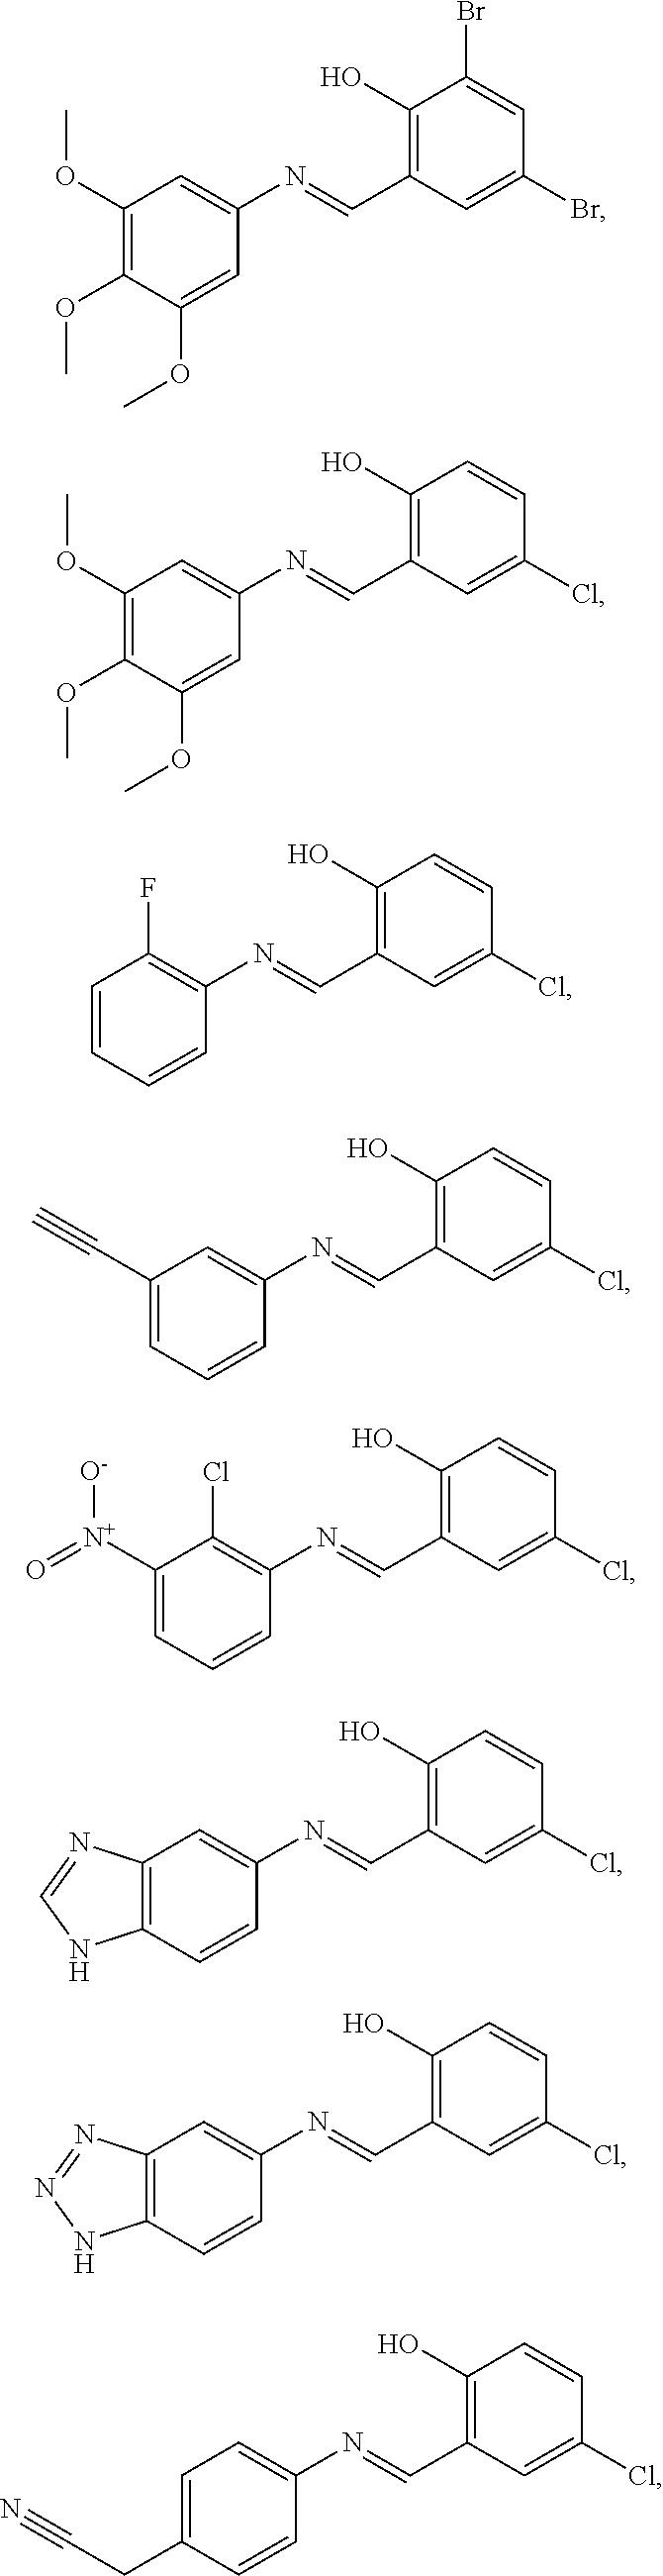 Figure US20110065162A1-20110317-C00155